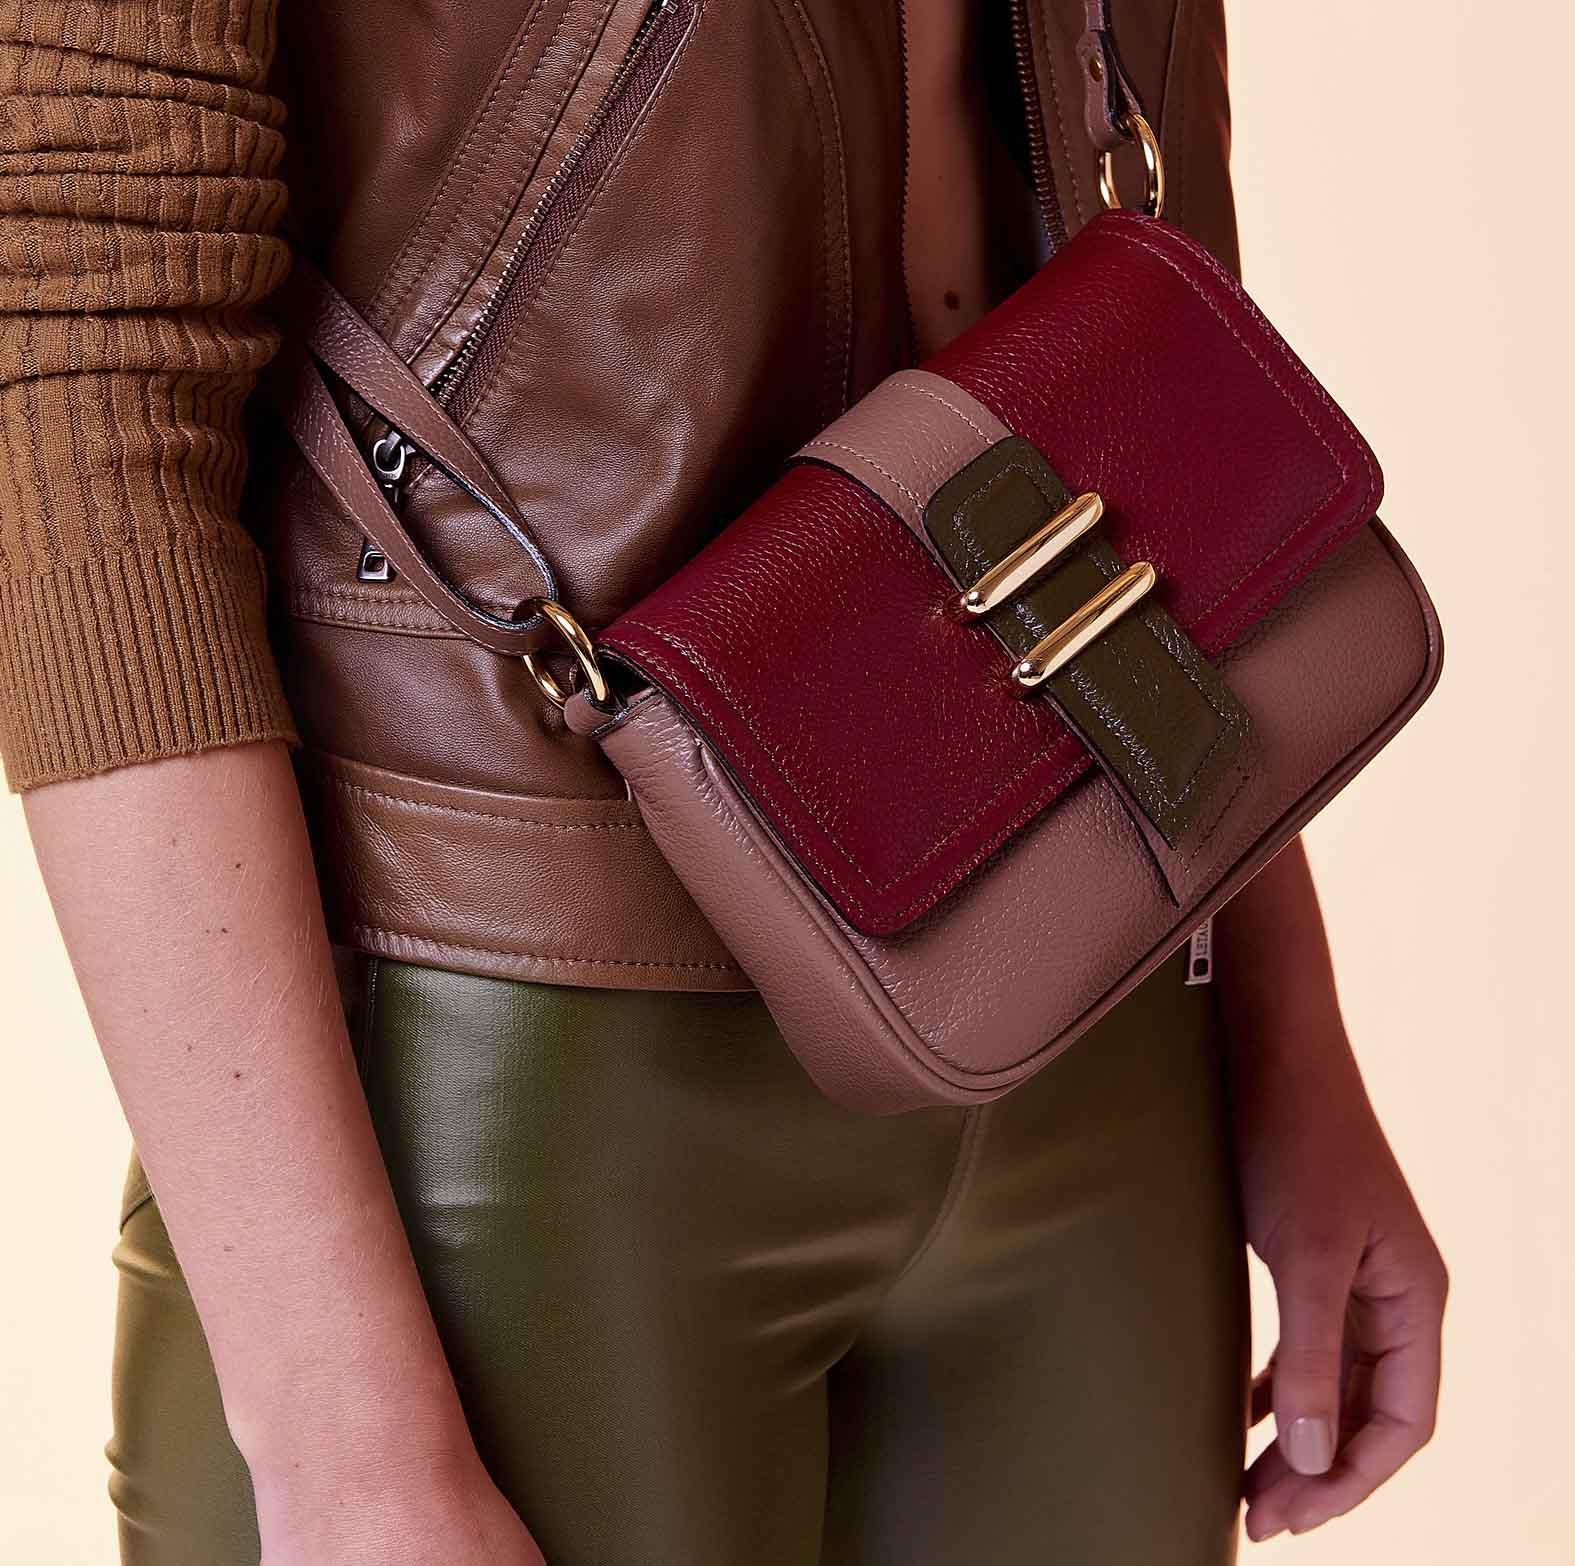 bolsa-de-couro-smartbag-transversal-bicolor